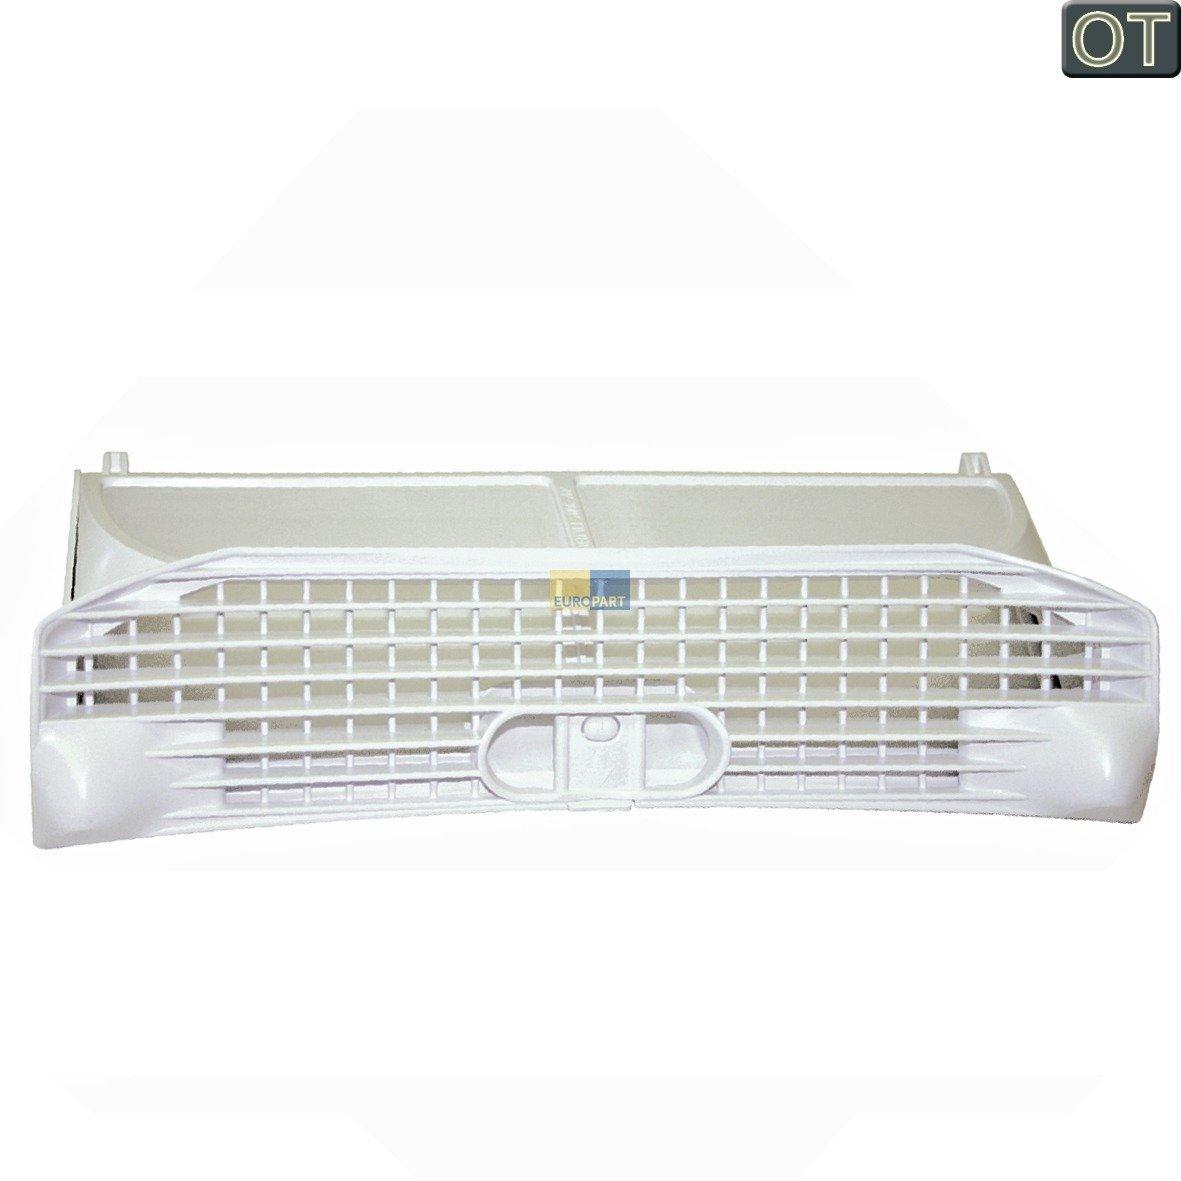 Bauknecht Whirlpool Asciugabiancheria Filtro/filtro per gomma pieghevole - 481248058322, 481248058081 de_B005FE59GG